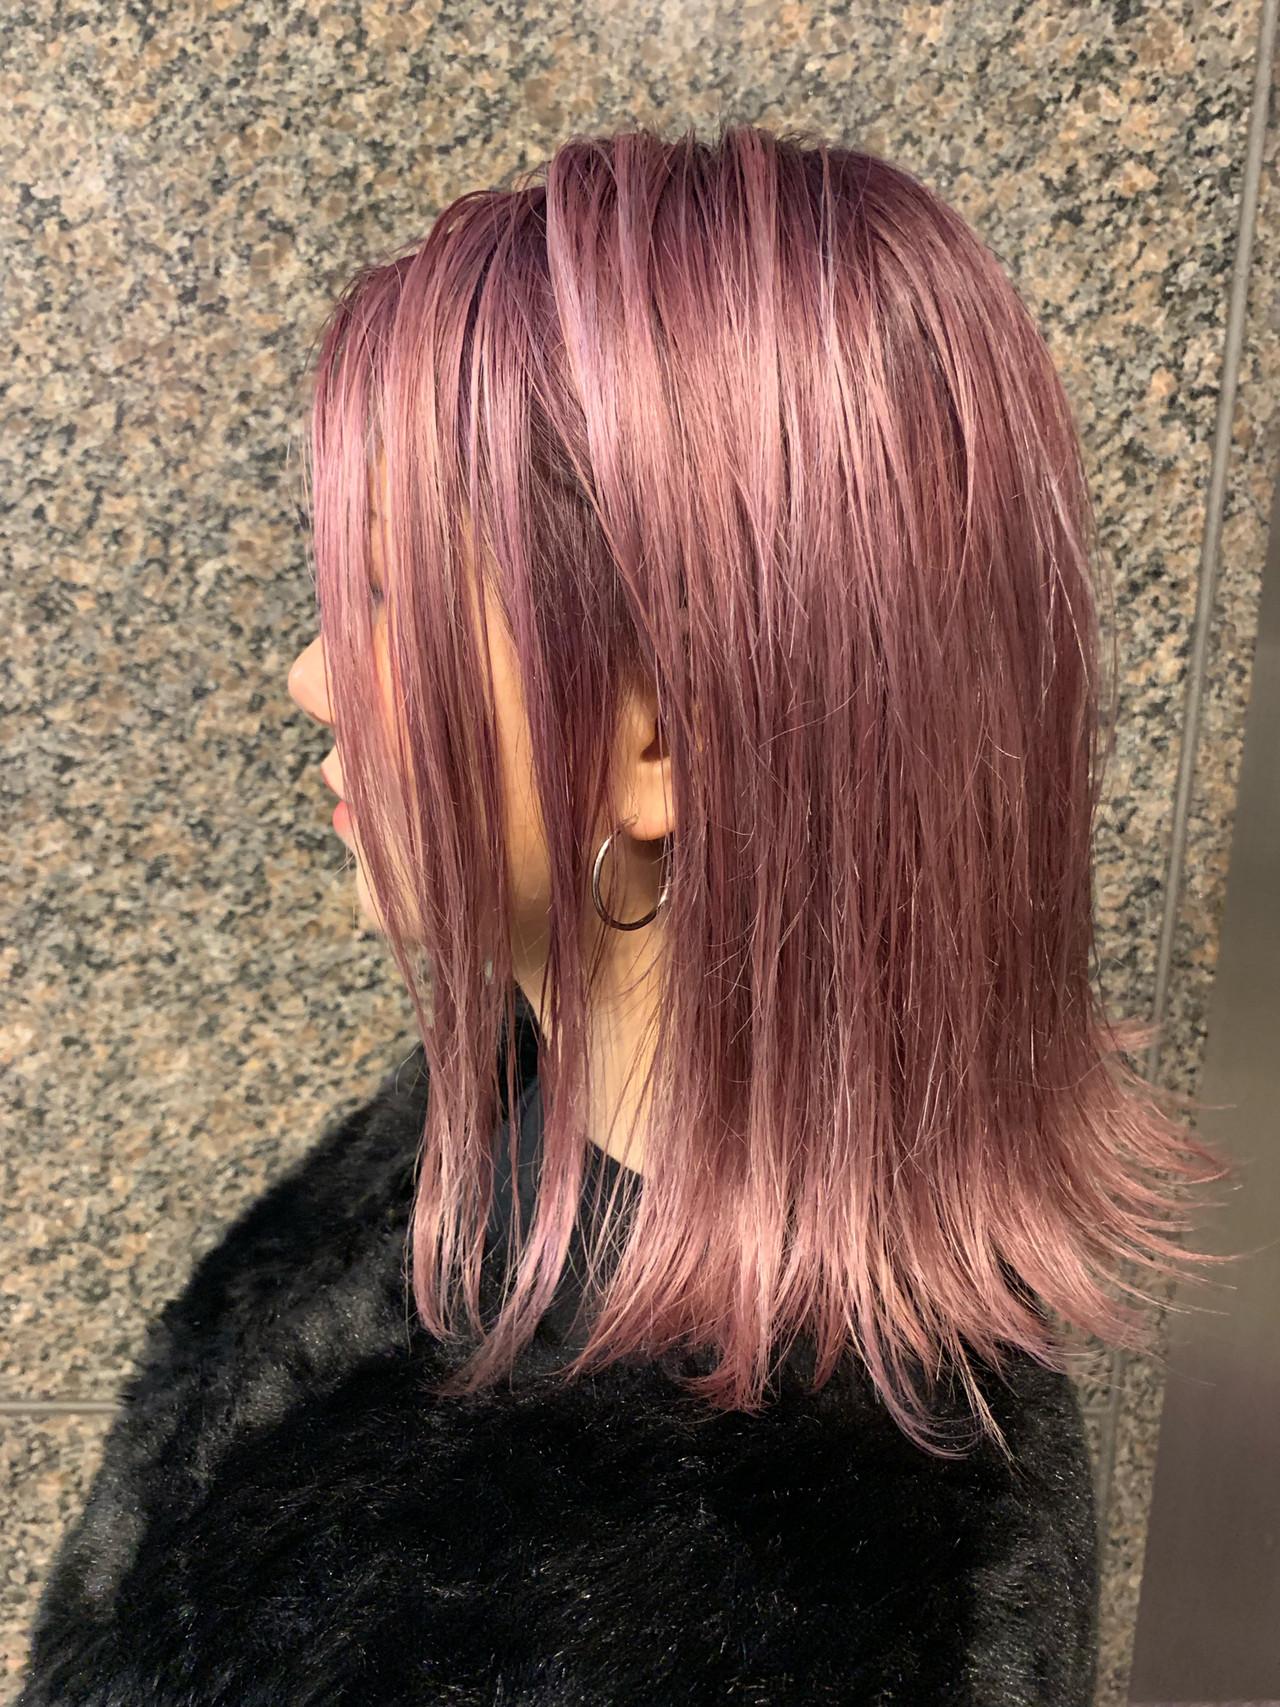 ピンクアッシュ グラデーションカラー コリアンピンク ピンク ヘアスタイルや髪型の写真・画像 | 望月 宣雄/virgo&Ashera / virgo&Ashera